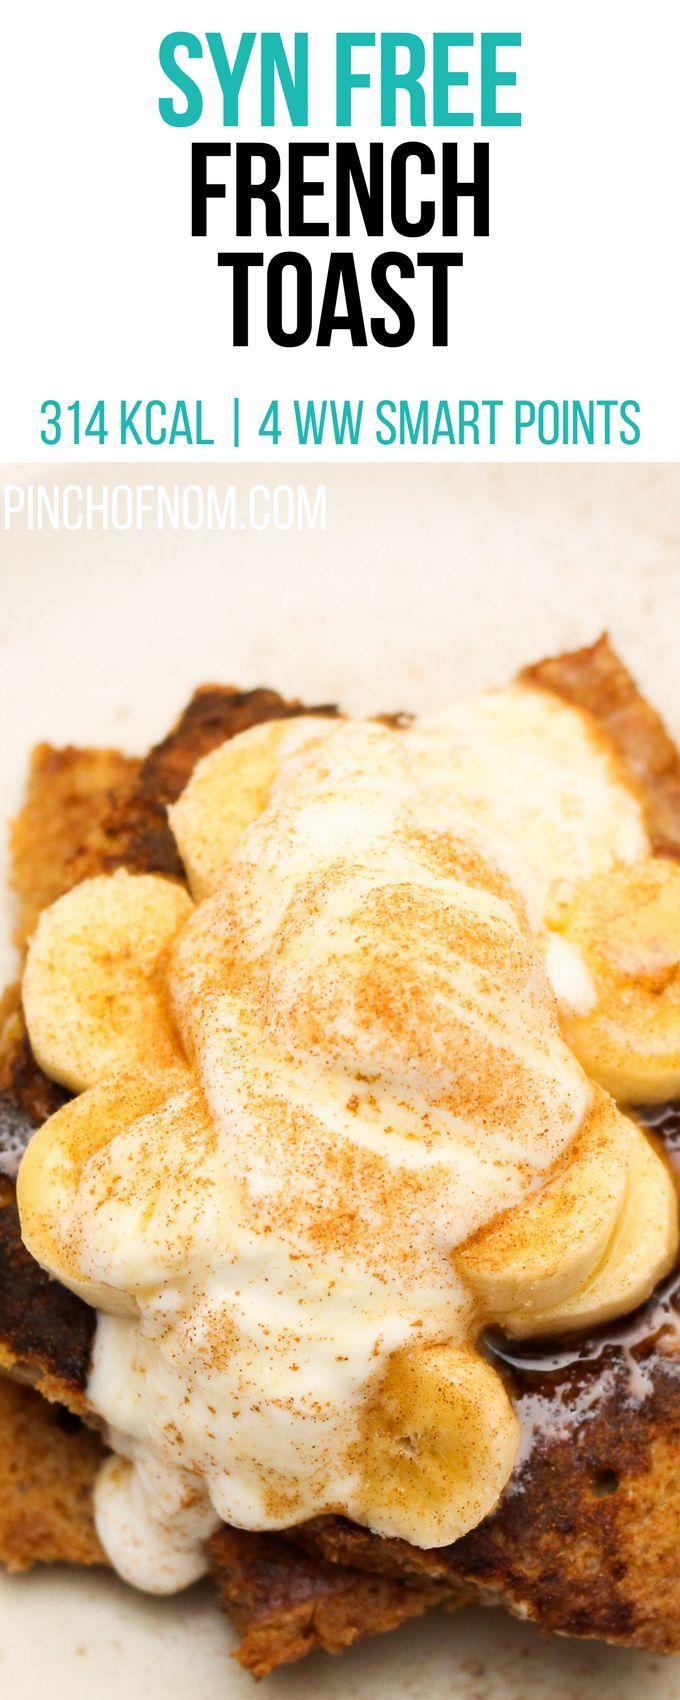 Download Pinch Of Nom Desserts